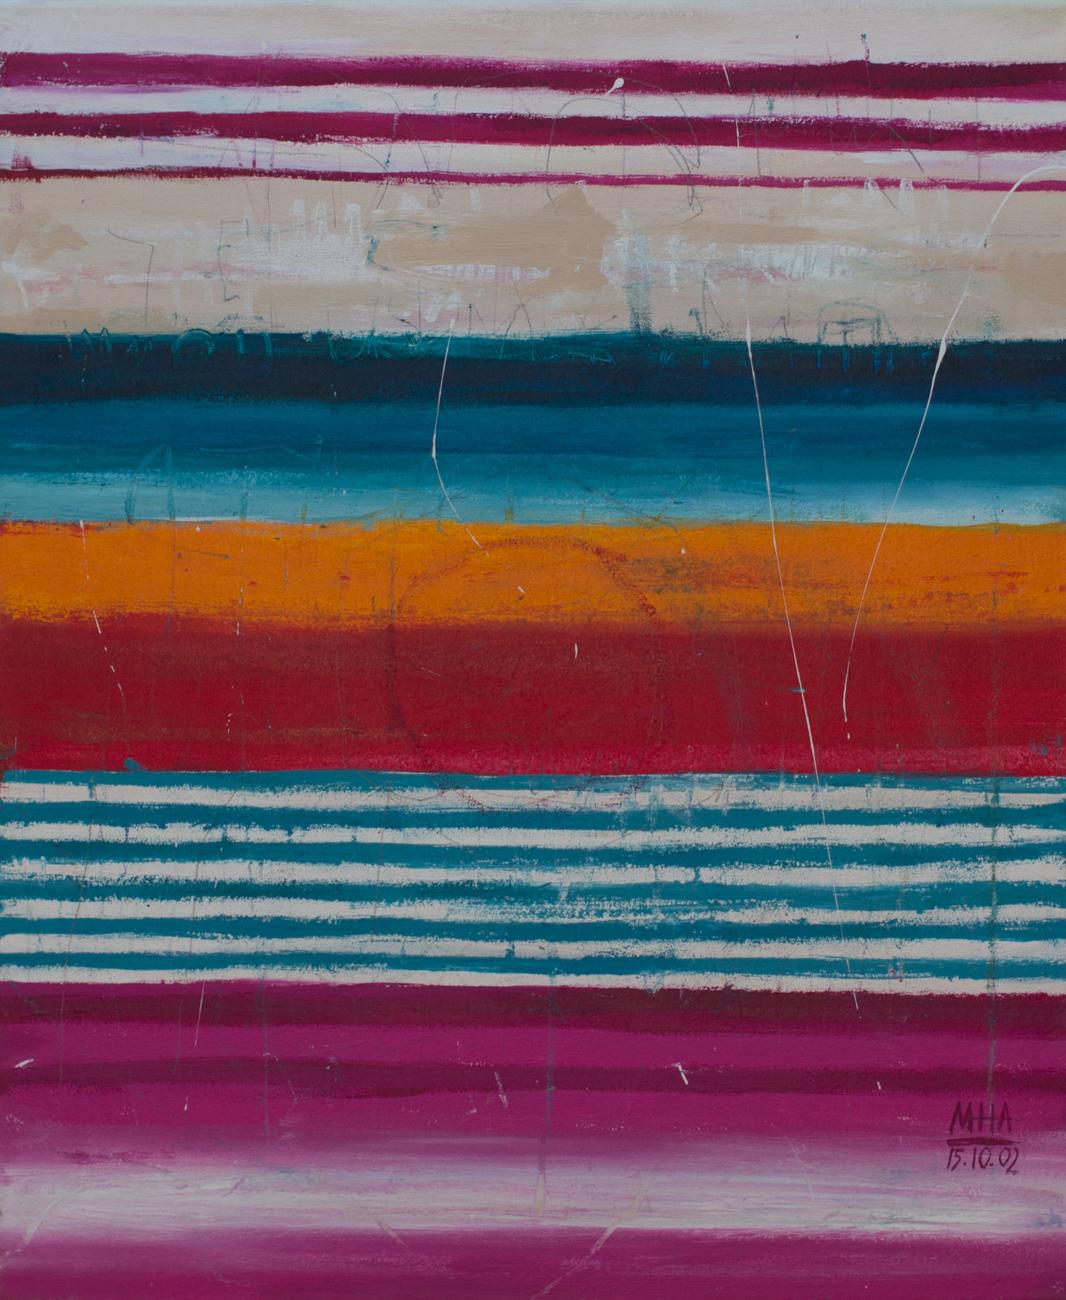 Tapiz 11 , 2002,Acryl auf Leinwand, 50x60 cm